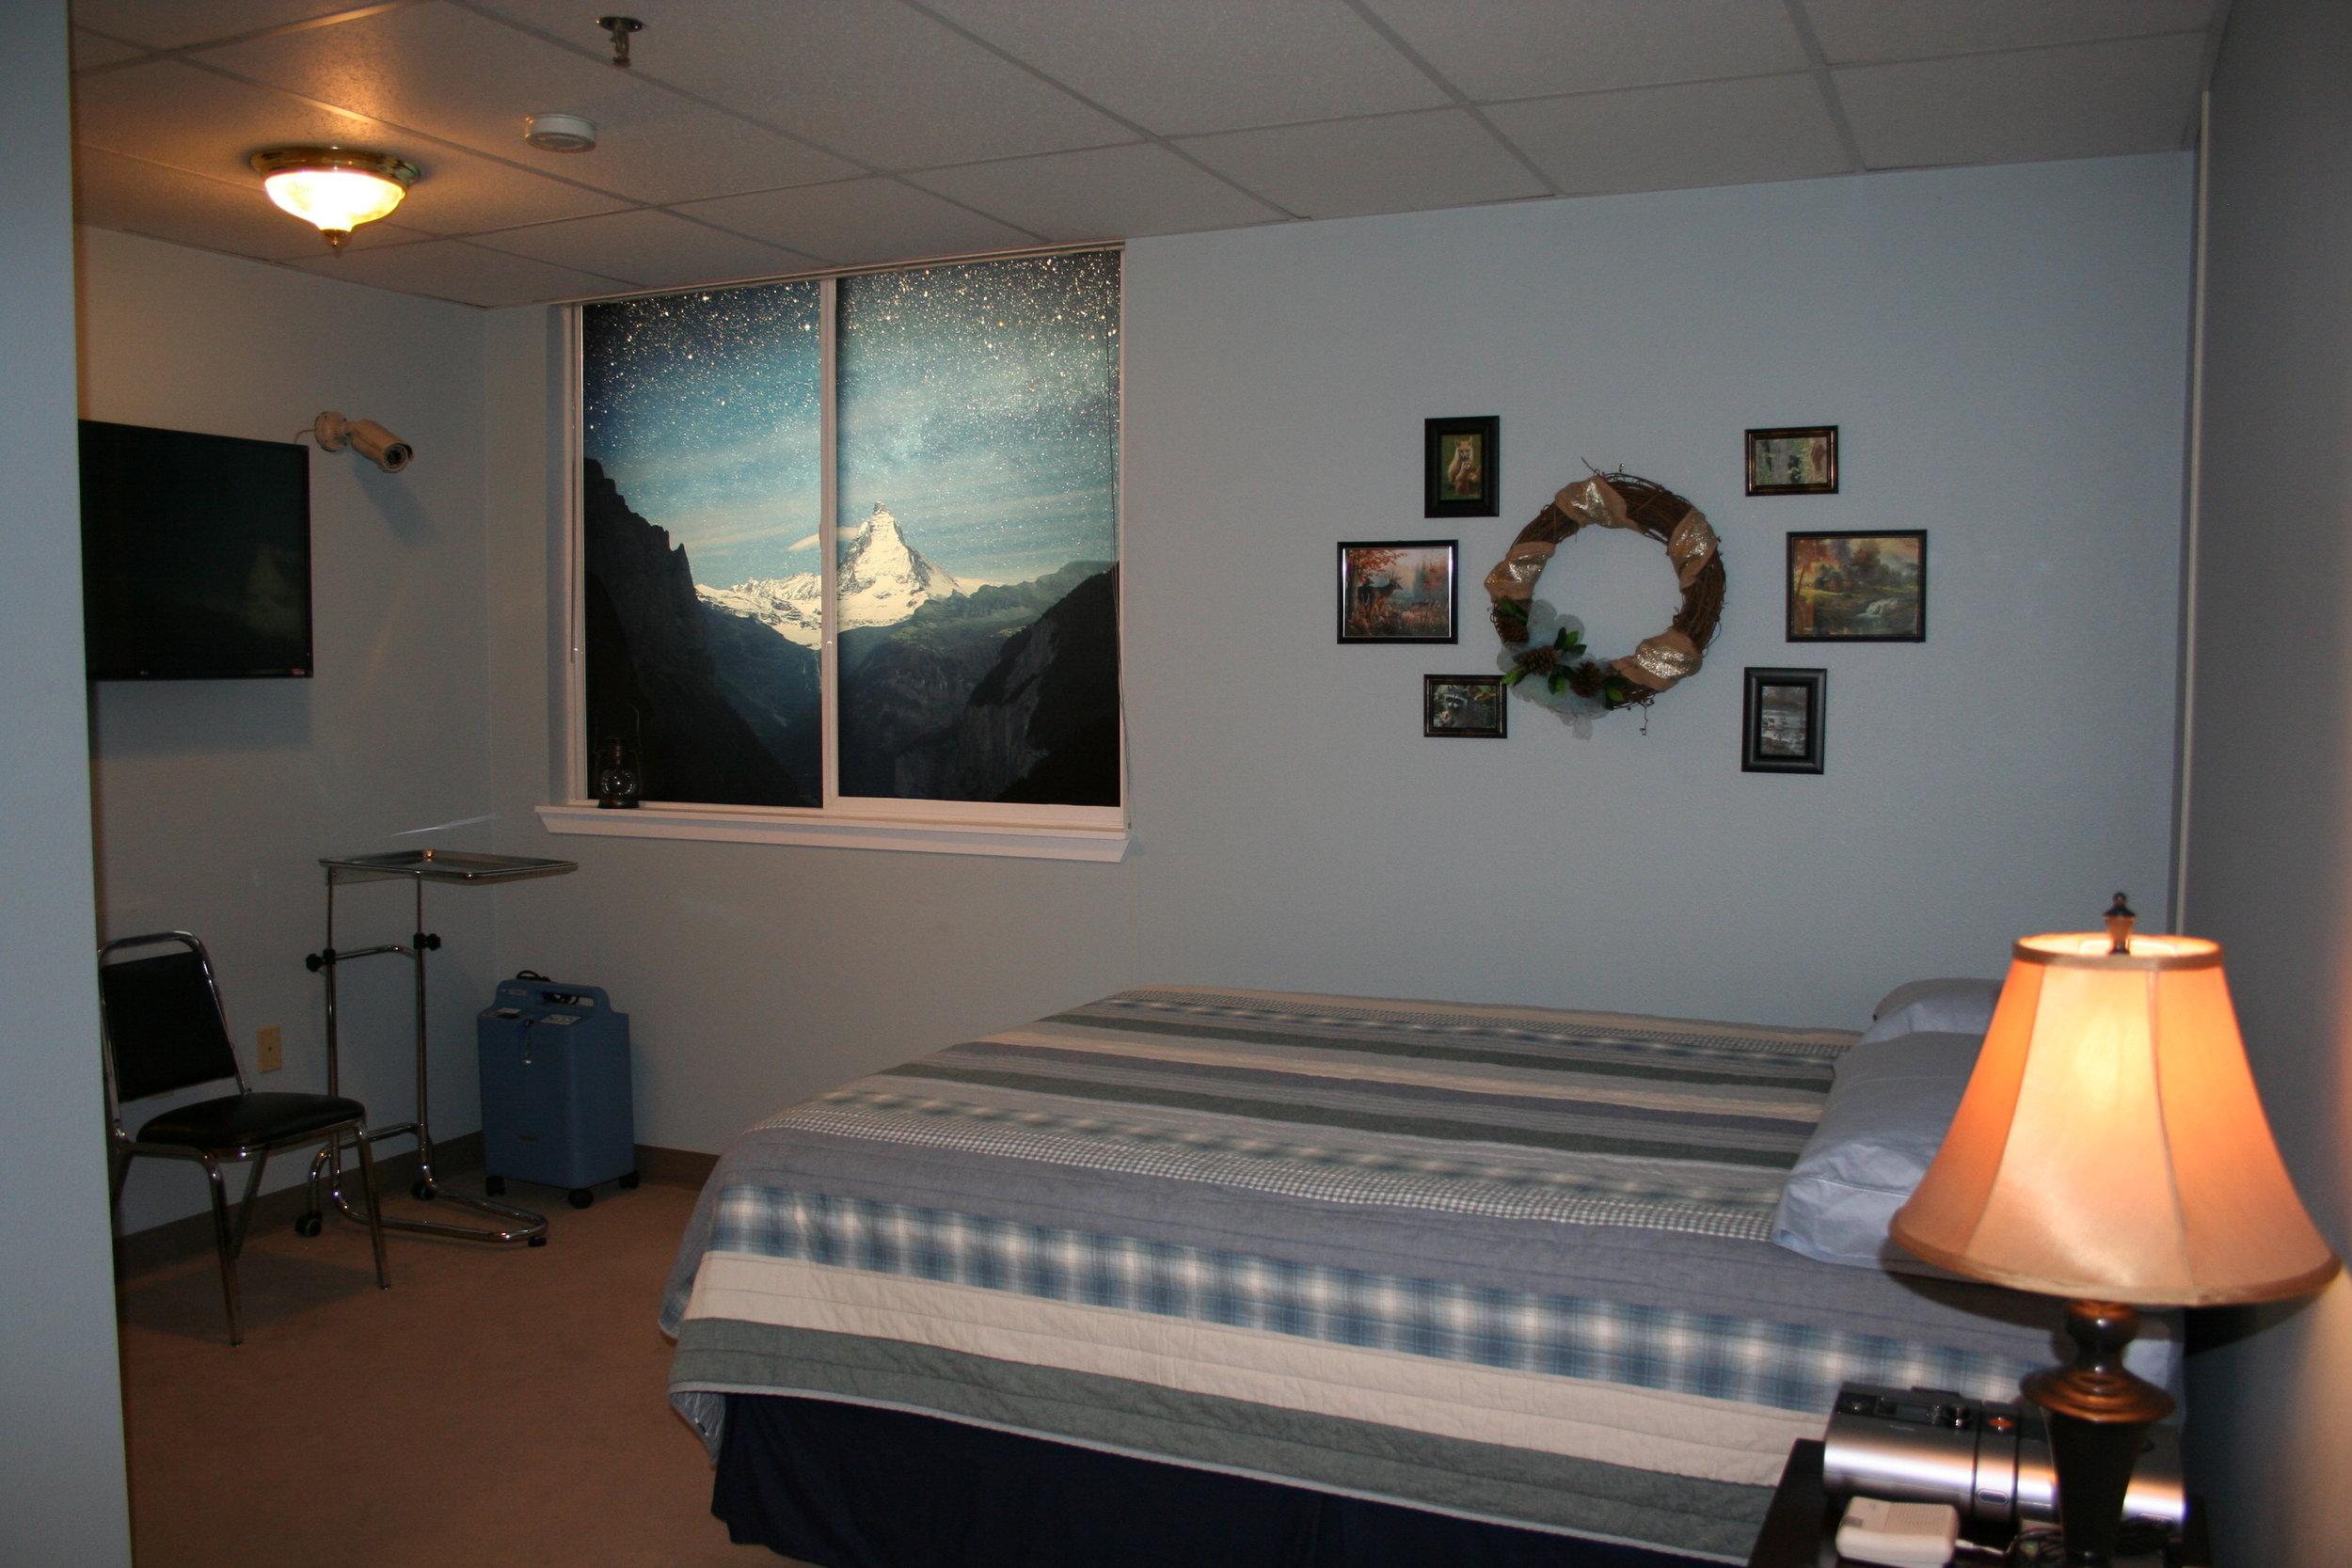 """Our """"Cozy Cabin"""" themed Sleep Room!"""